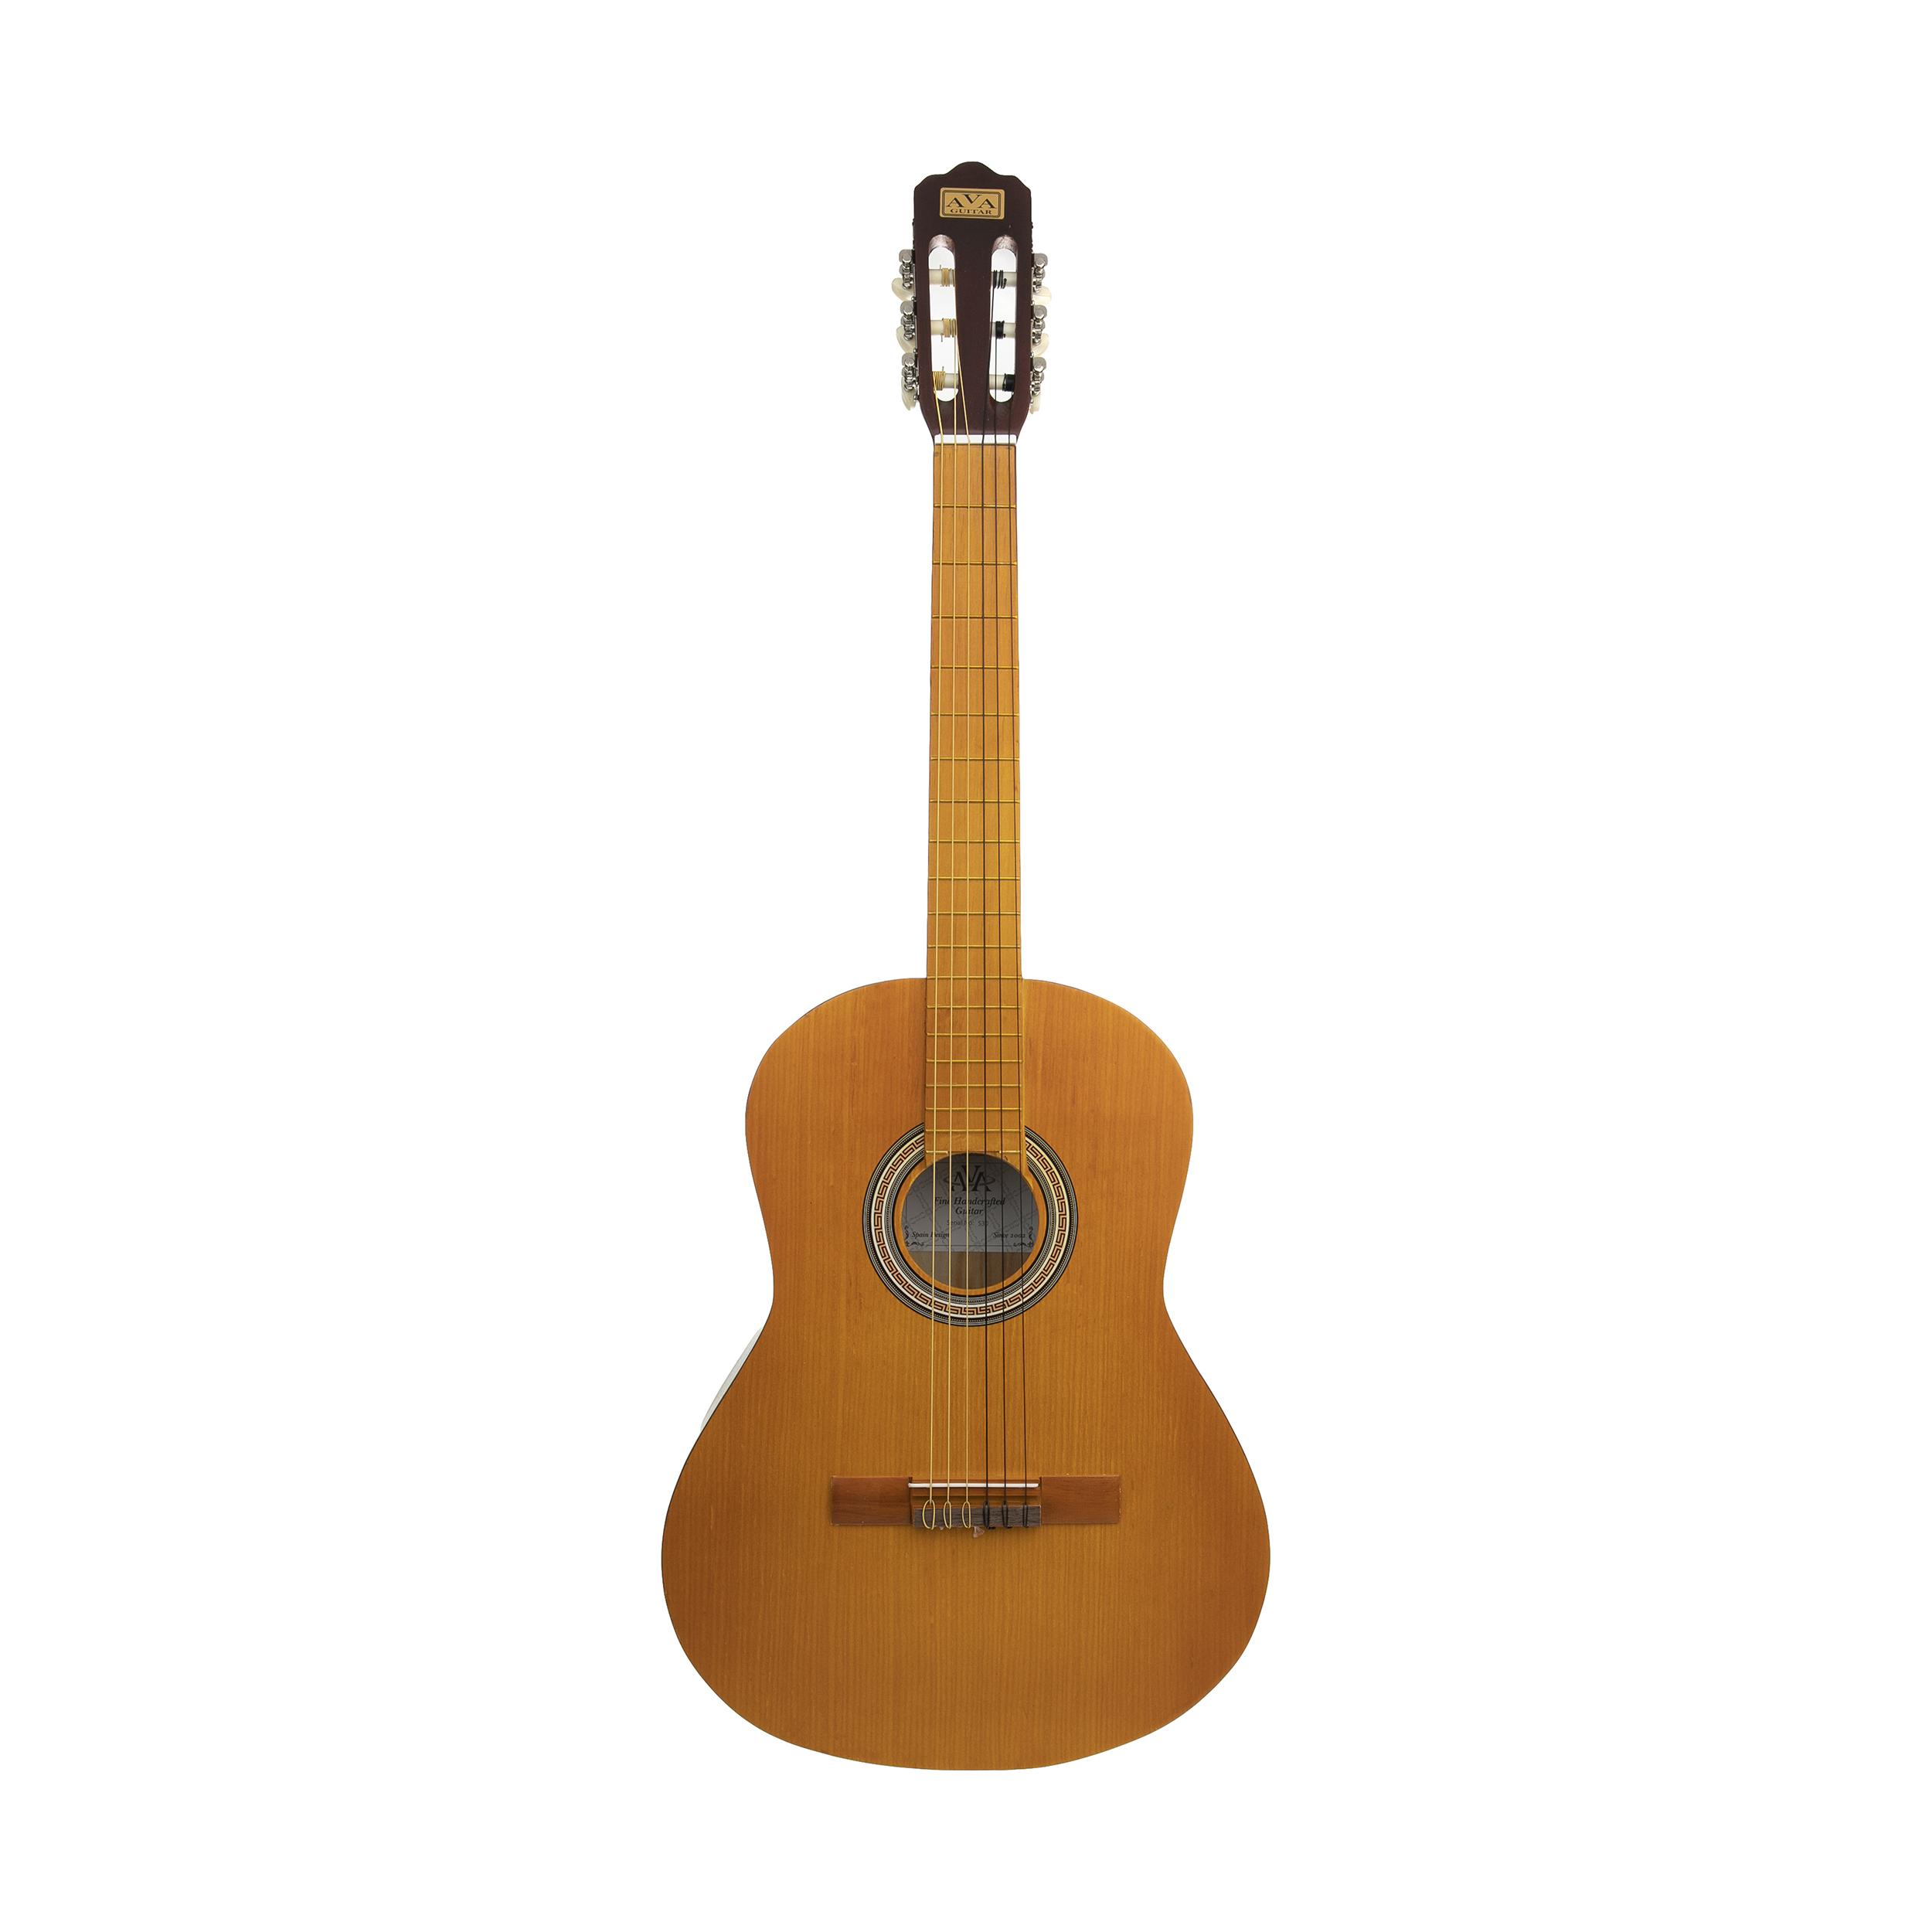 گیتار کلاسیک آوا مدل S30